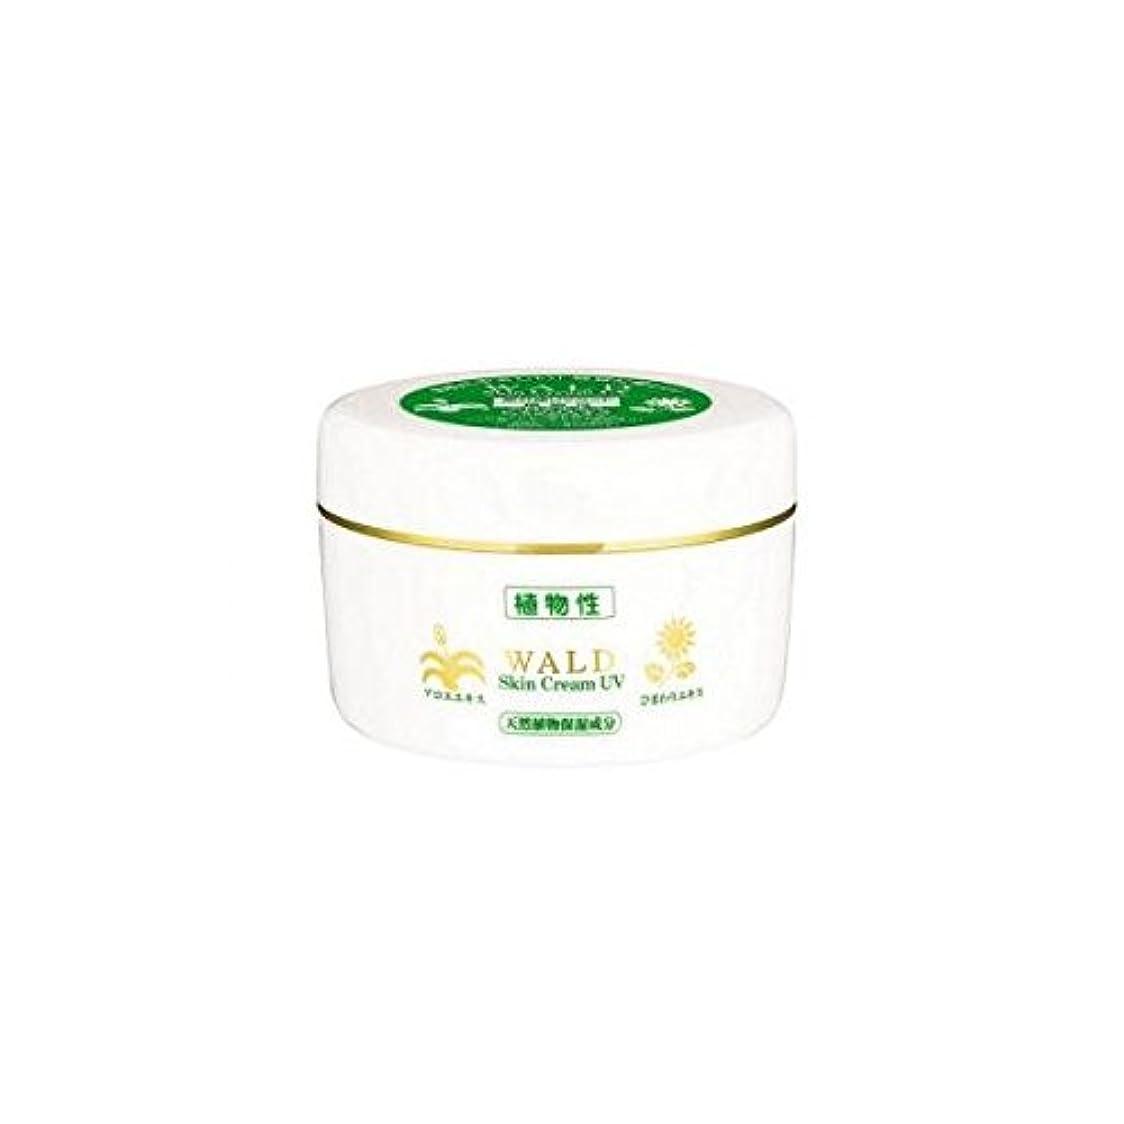 委員会キリスト強制的新 ヴァルトスキンクリーム UV (WALD Skin Cream UV) 220g (1)